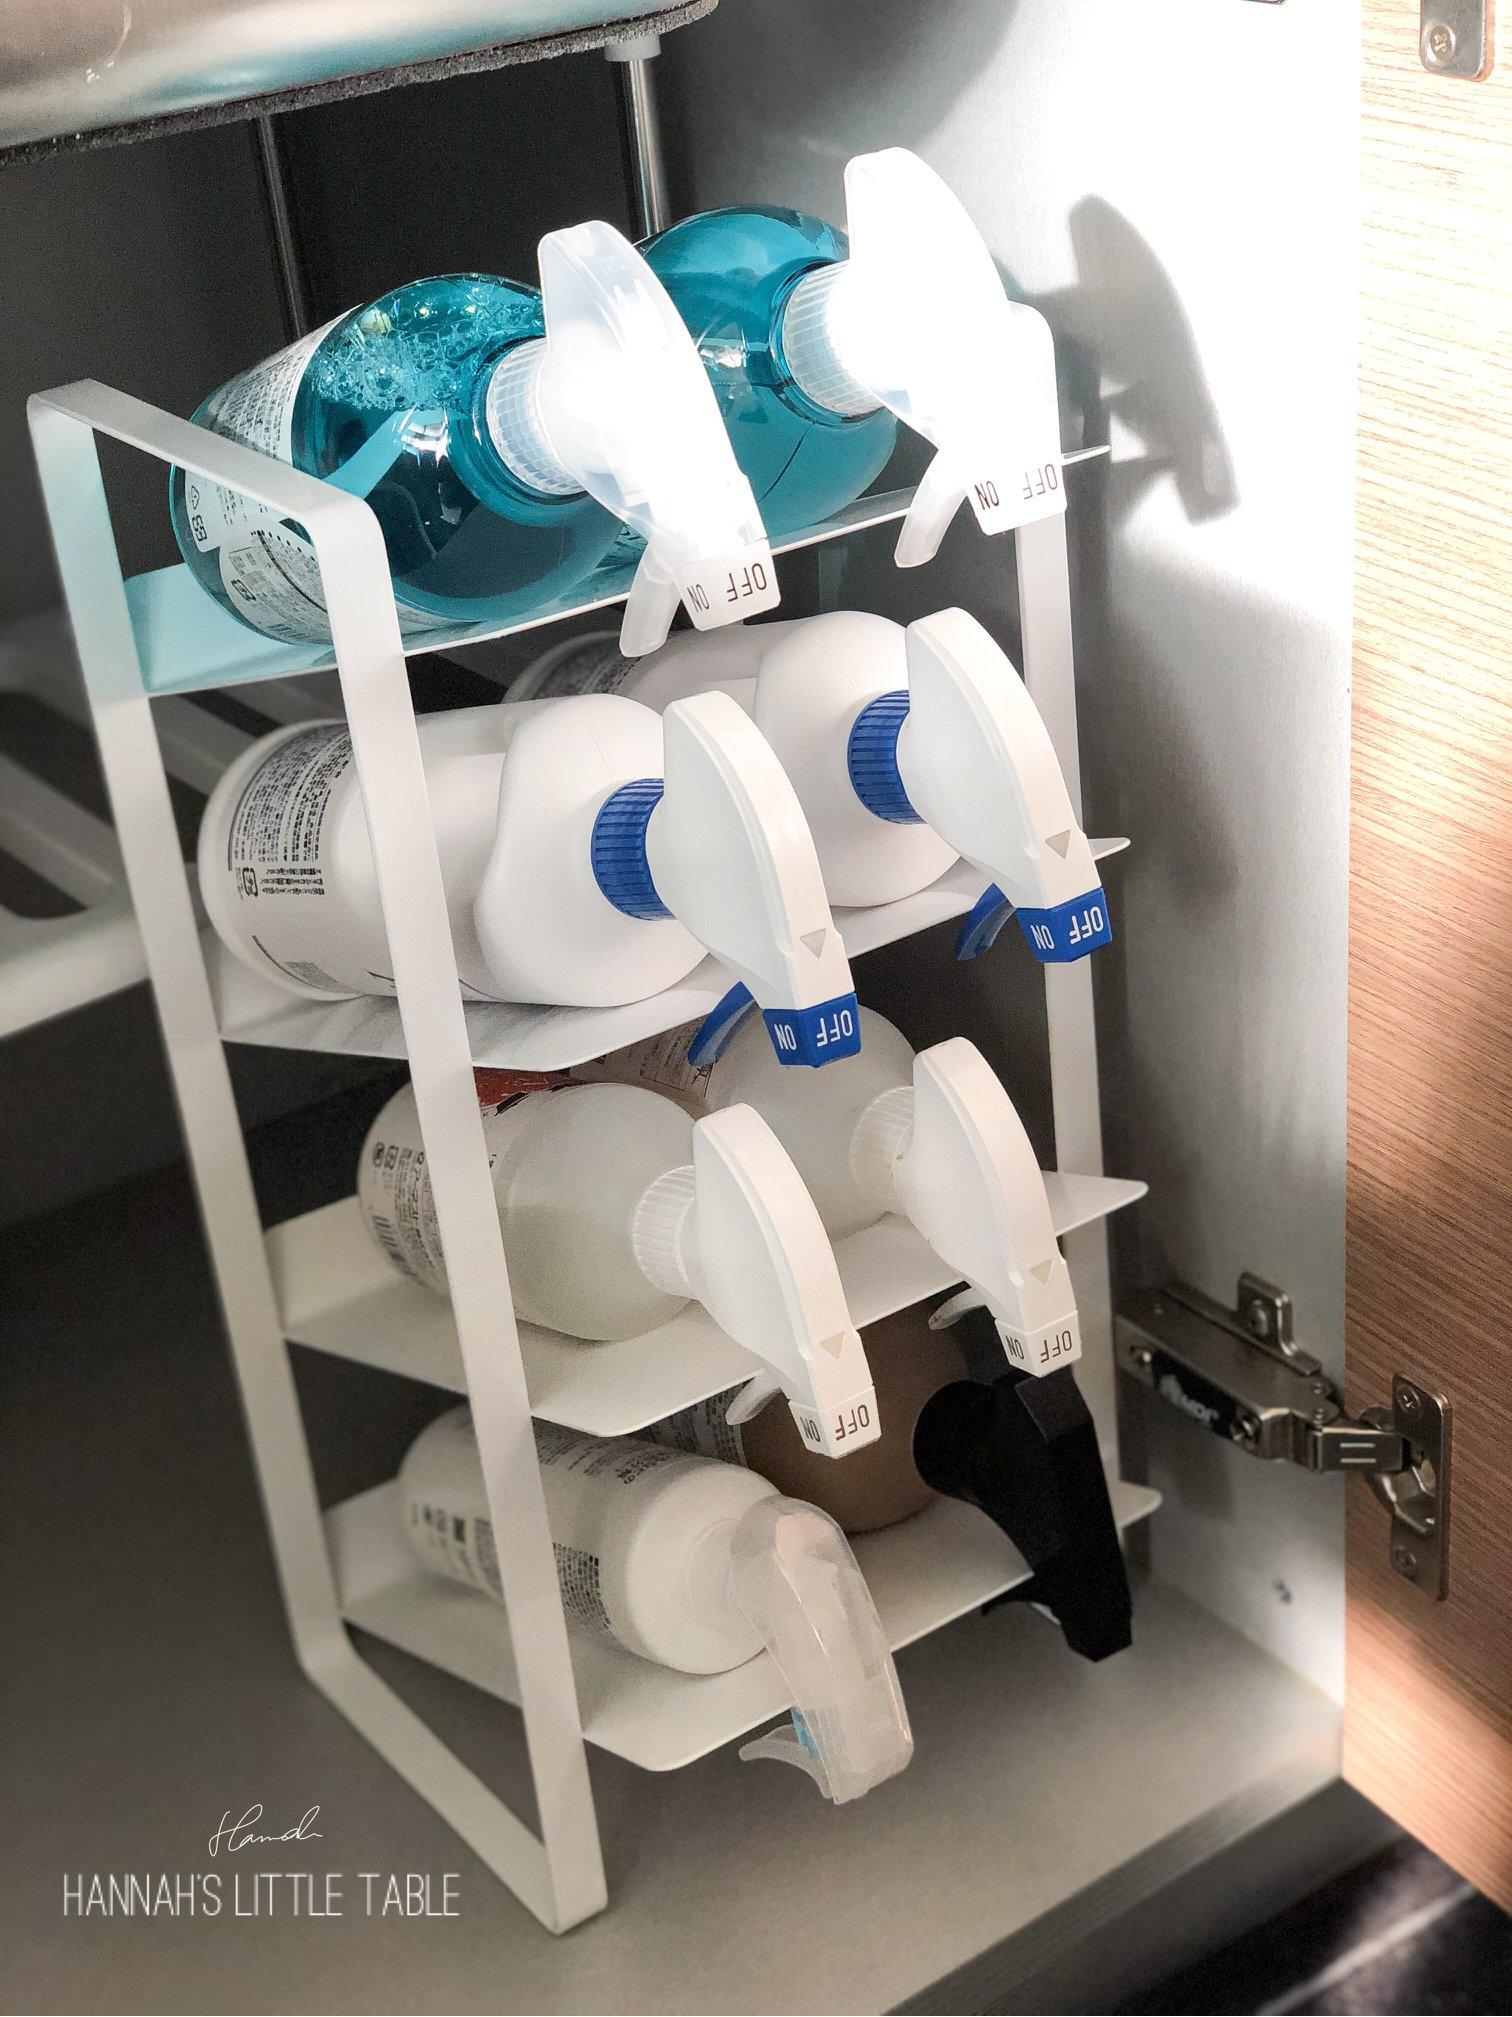 tower水槽下置物架 山崎收納 Yamazaki 廚房收納 瓶罐收納